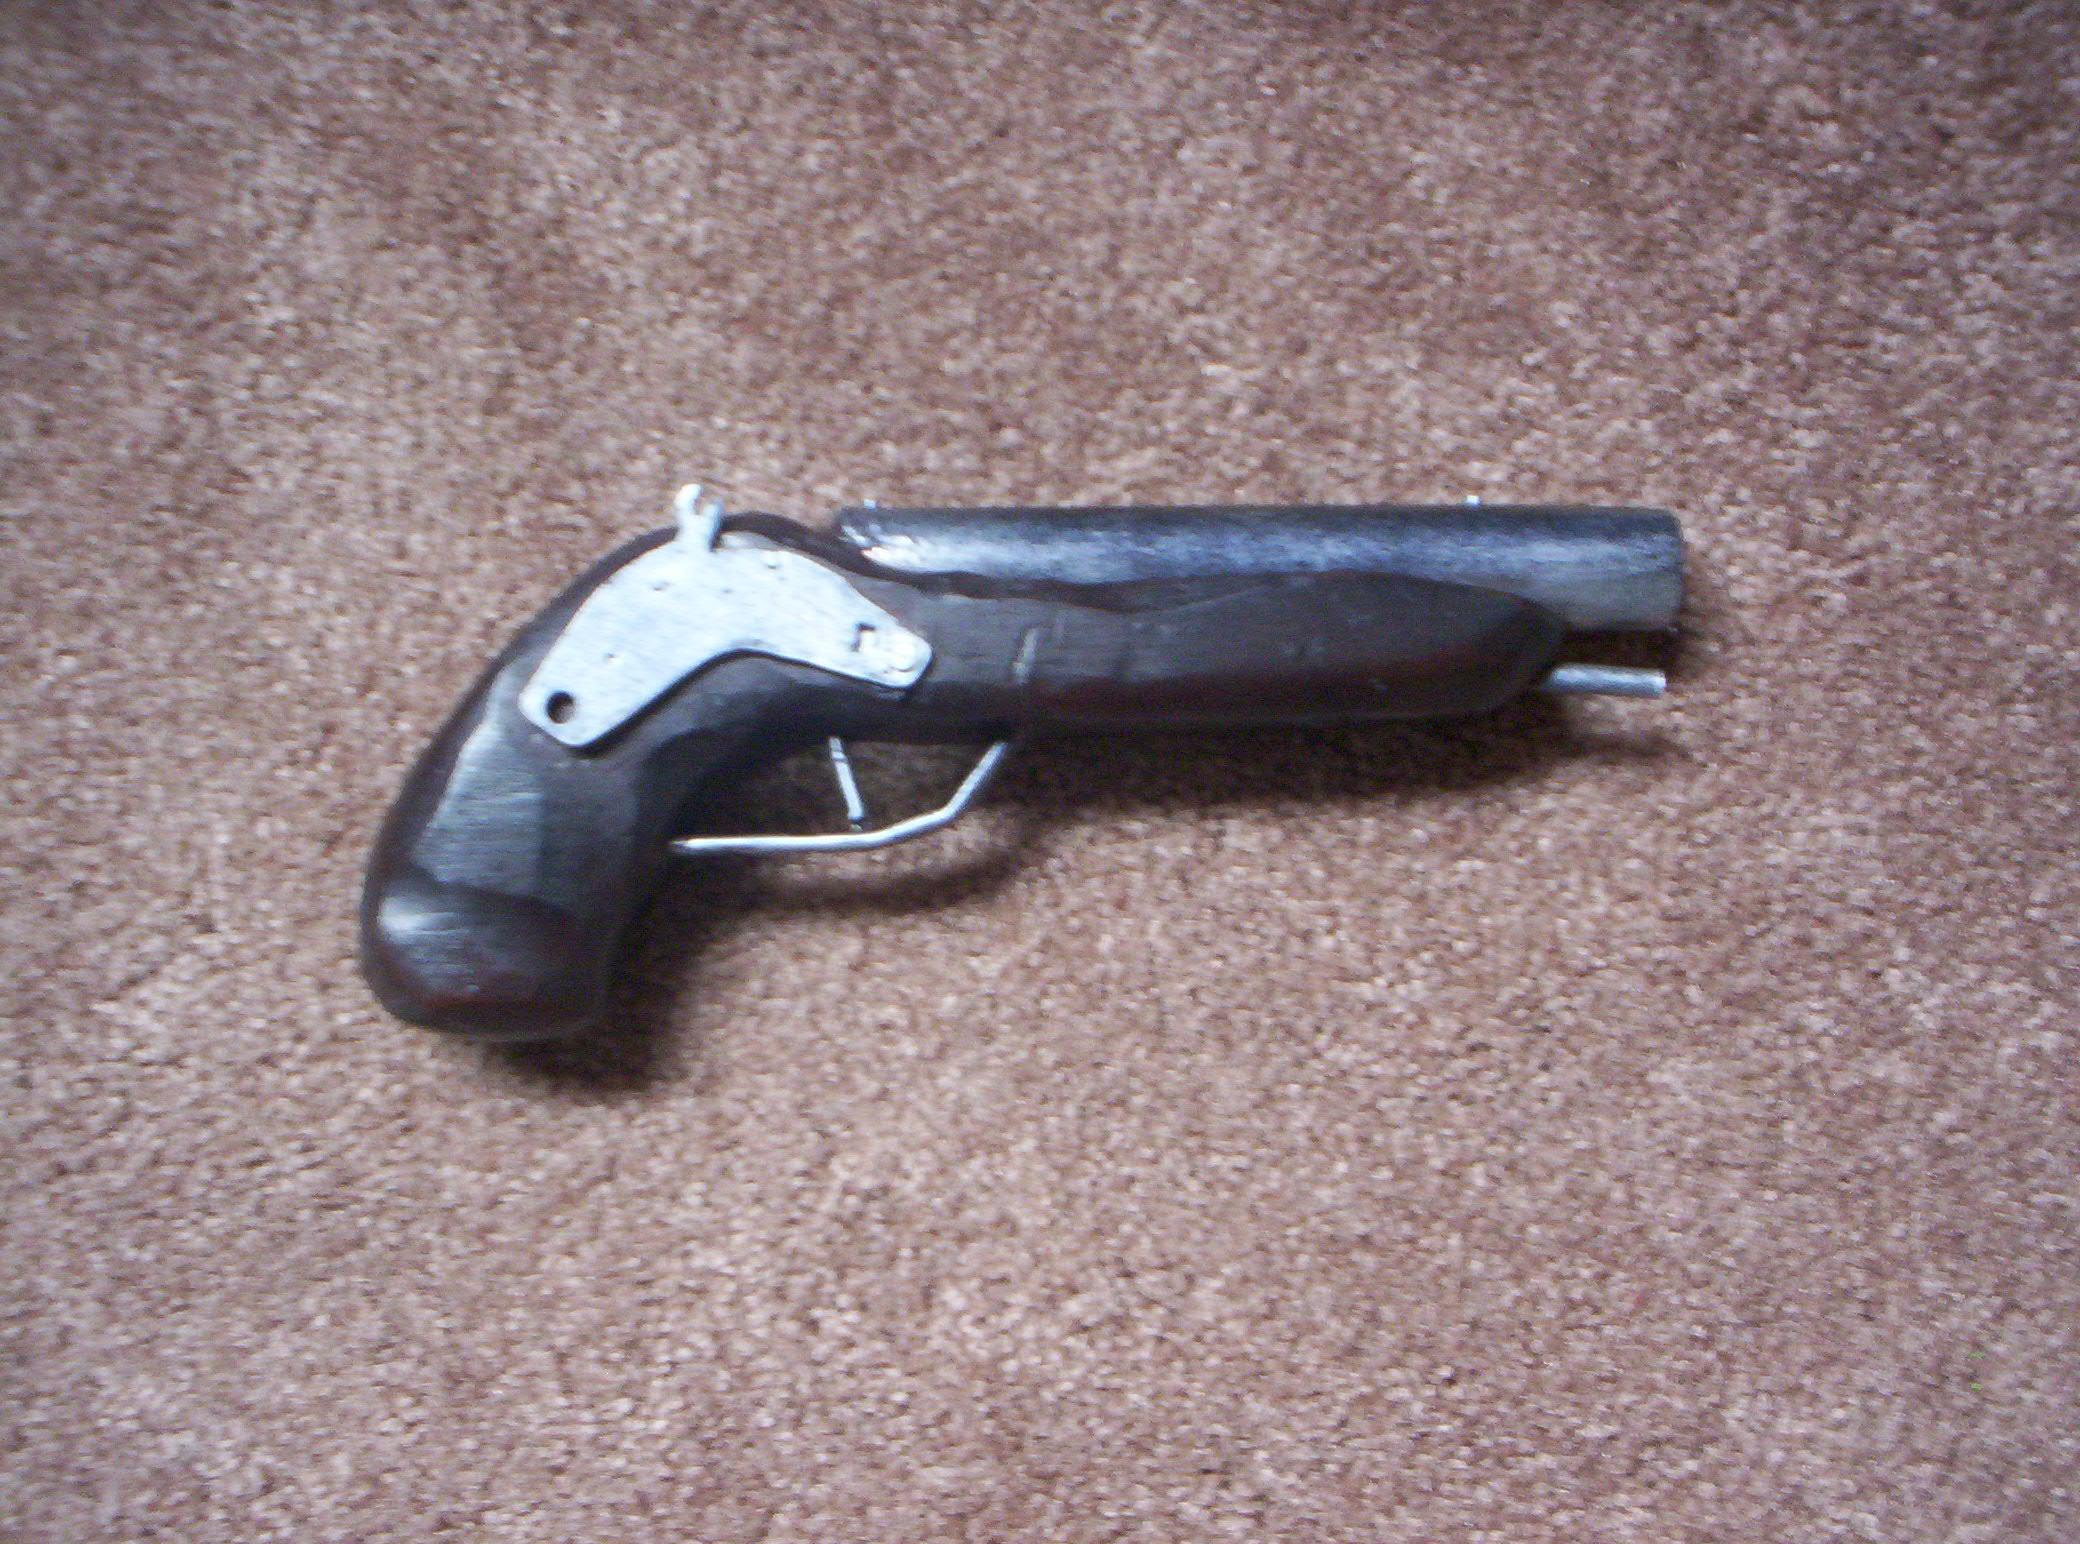 FlintLock Pistol Replica